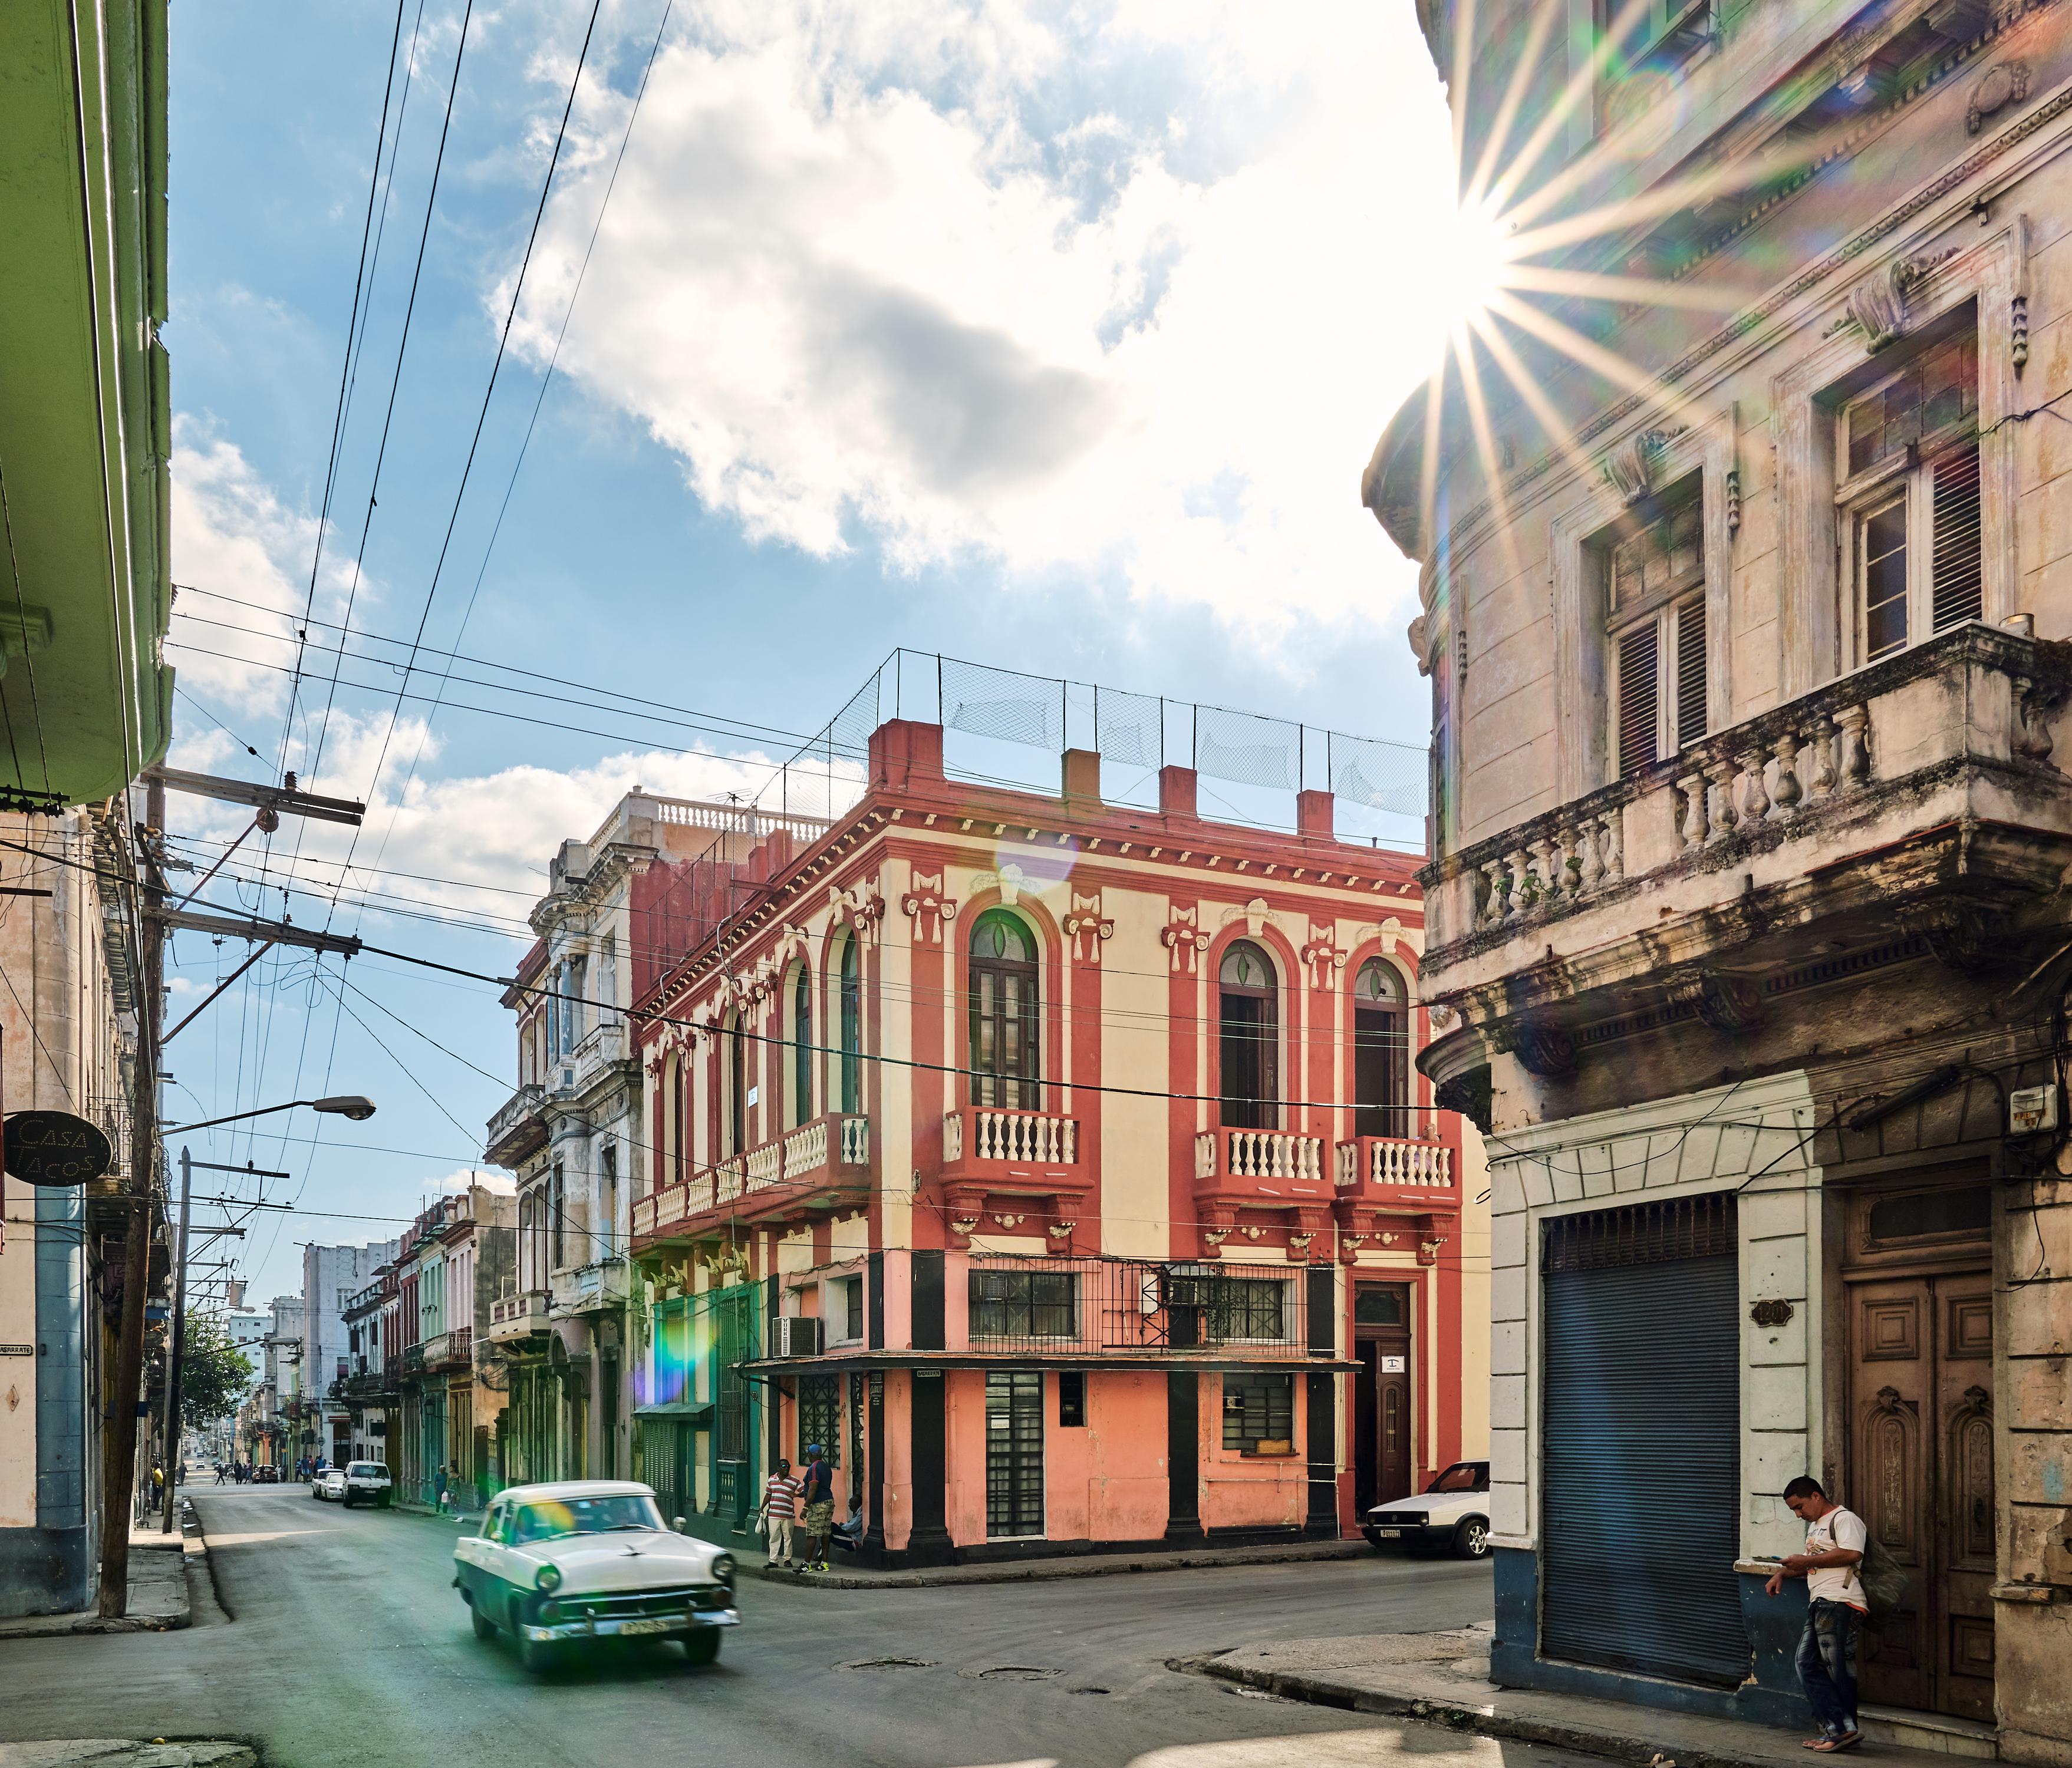 Imagen de la noticia Apoyo al manejo integral de la recogida de residuos sólidos urbanos en la provincia de La Habana